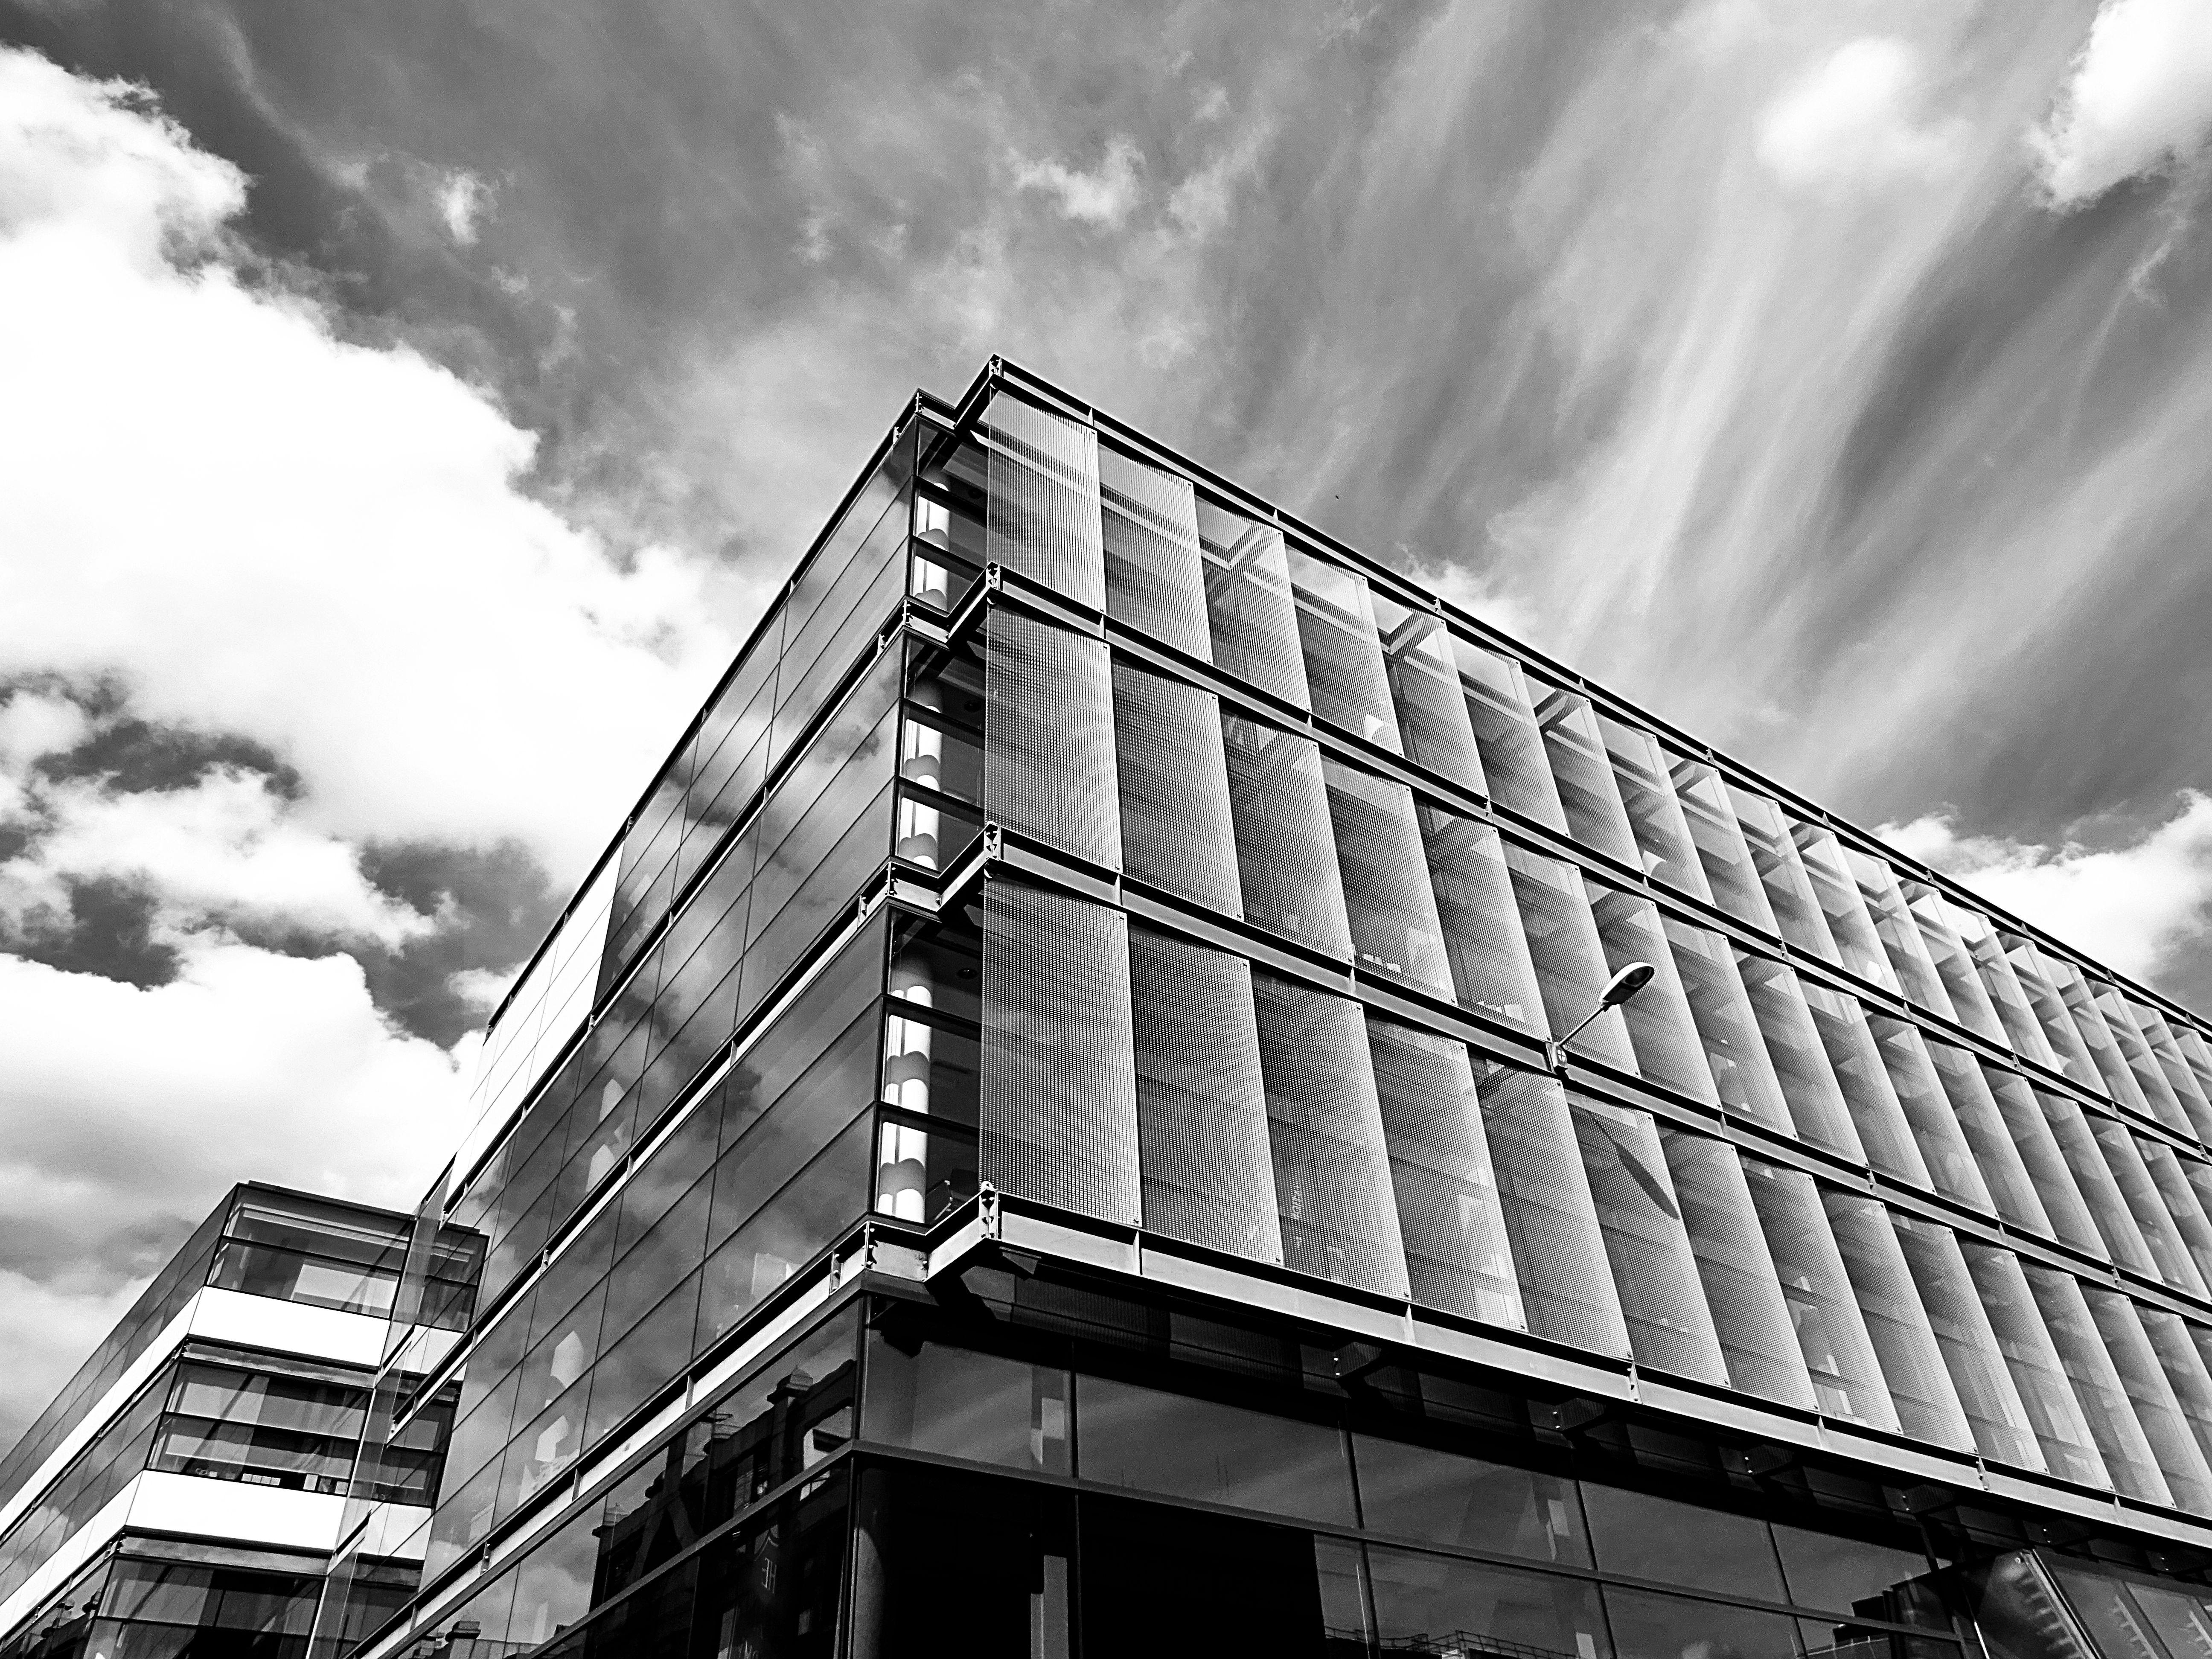 architecture building pexels einfarbig architektur aufnahme unten kostenloser fotograf